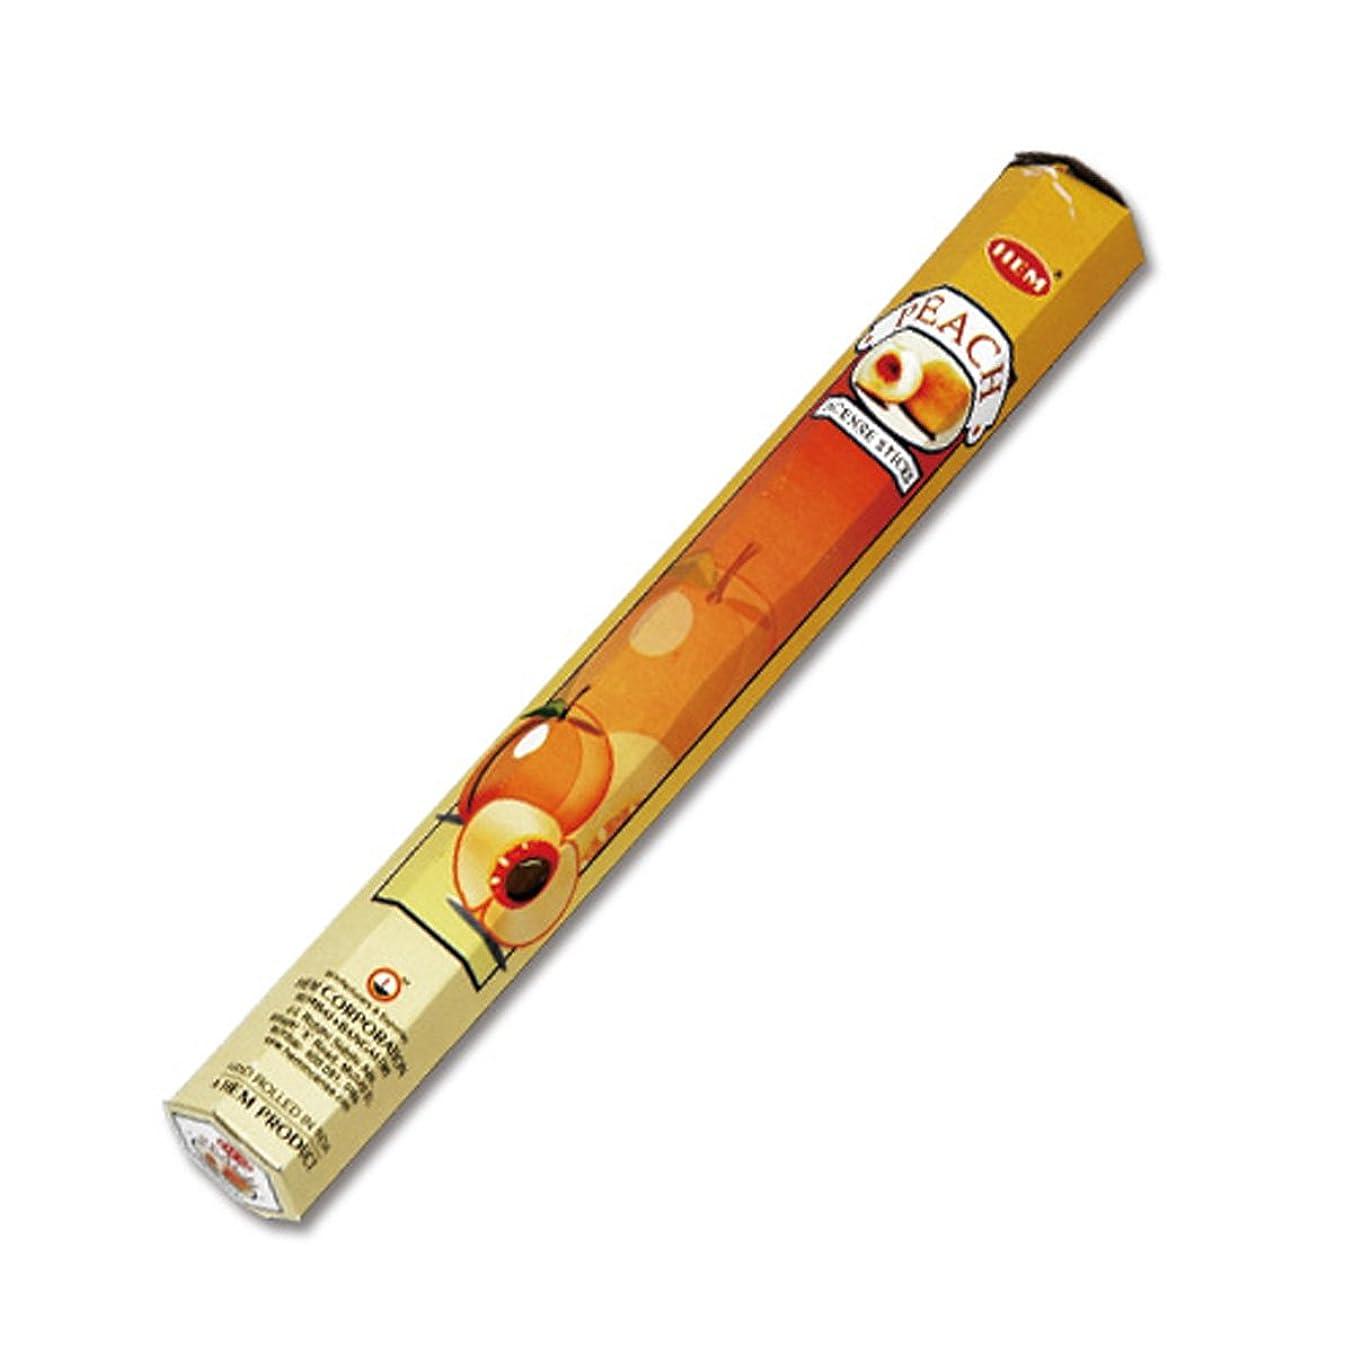 辞任針スクラップブックHEM(ヘム) ピーチ PEACHT スティックタイプ お香 1筒 単品 [並行輸入品]